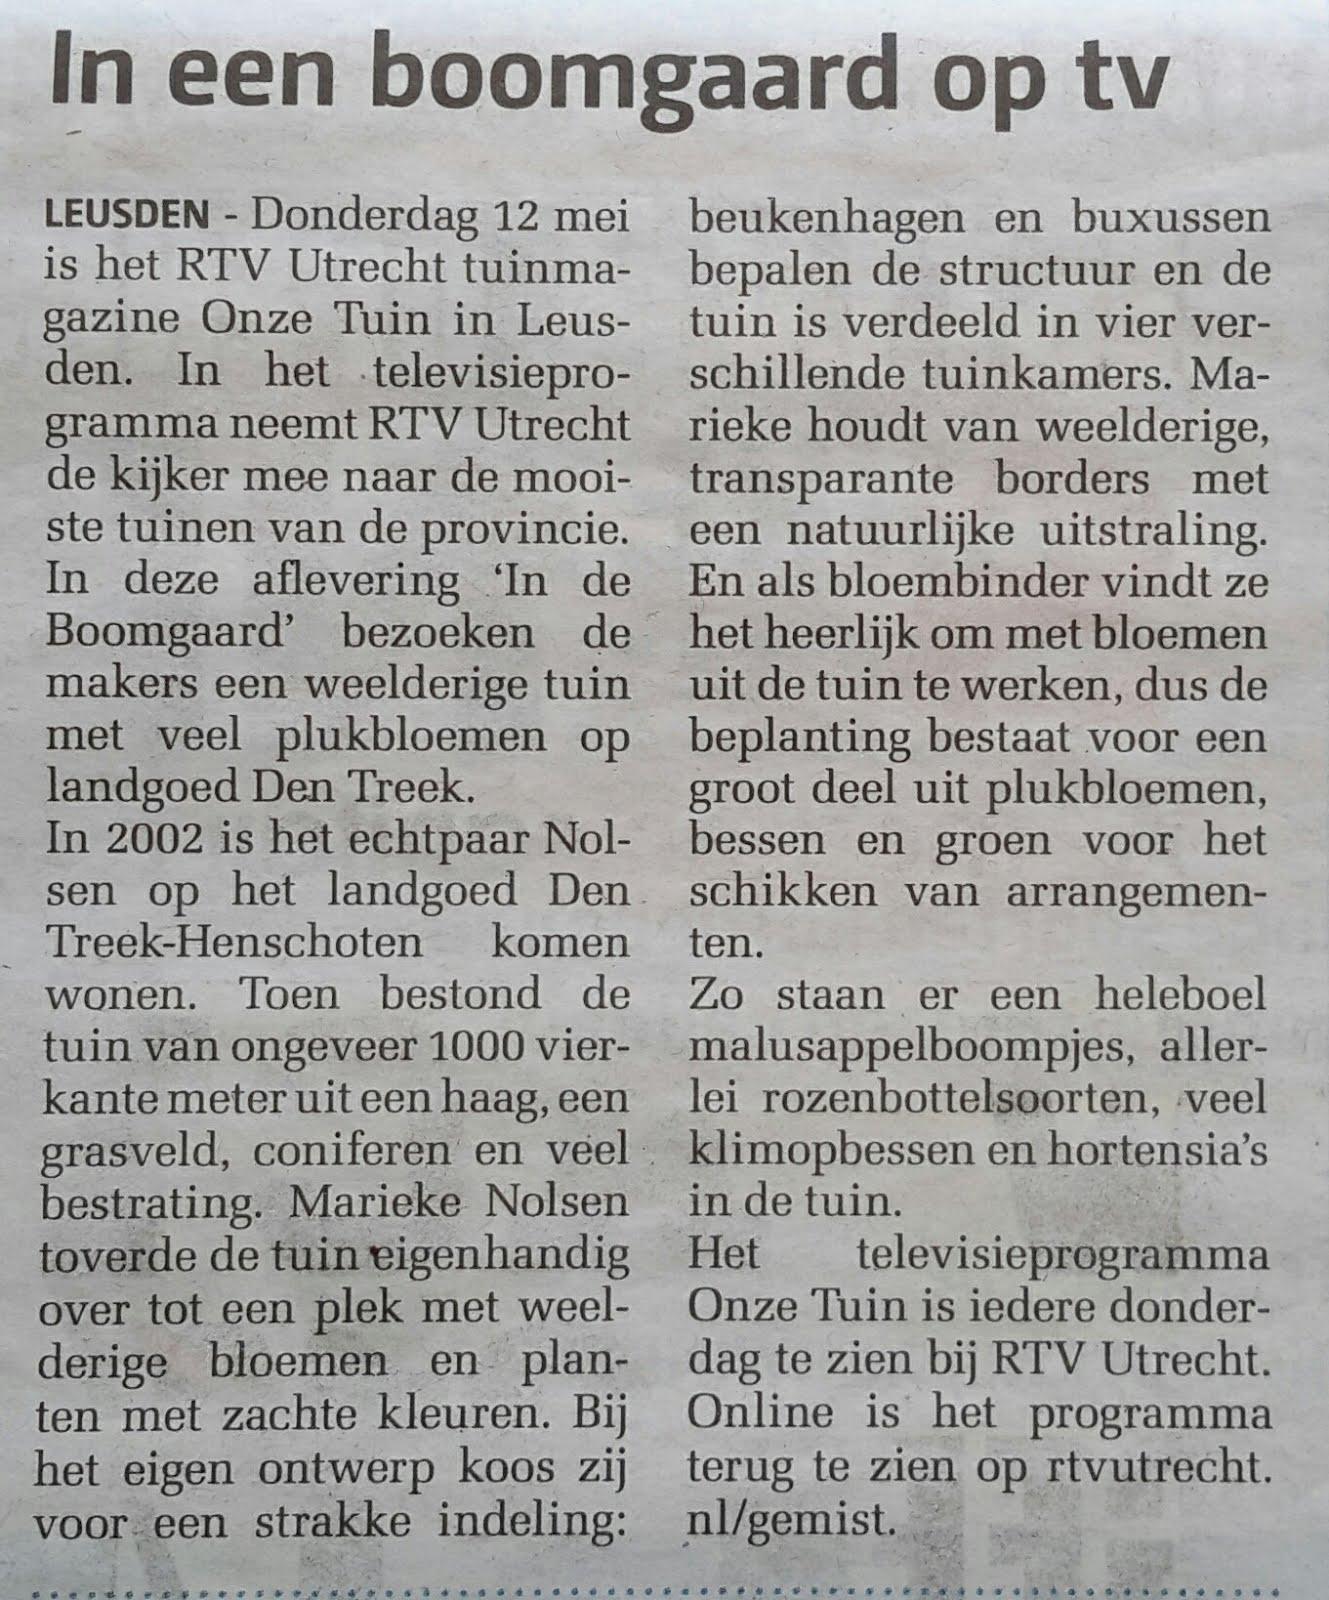 In de Boomgaard op RTV.Utrecht